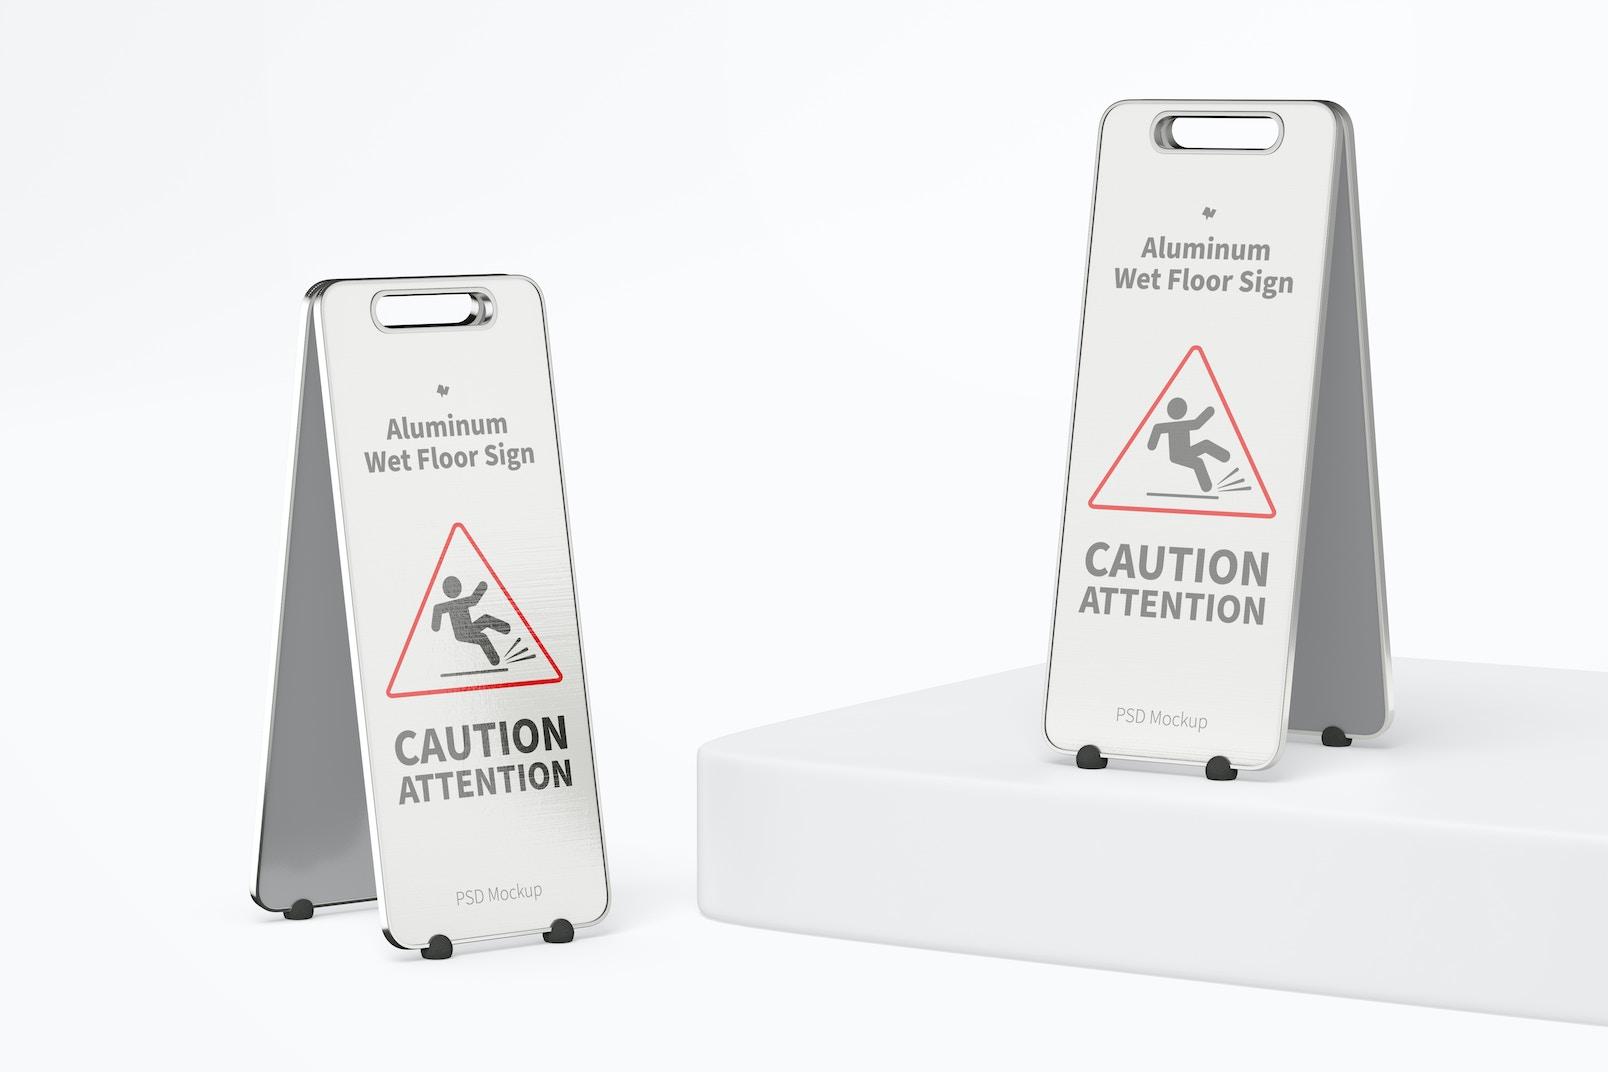 Aluminum Wet Floor Signs Mockup, Perspective 02